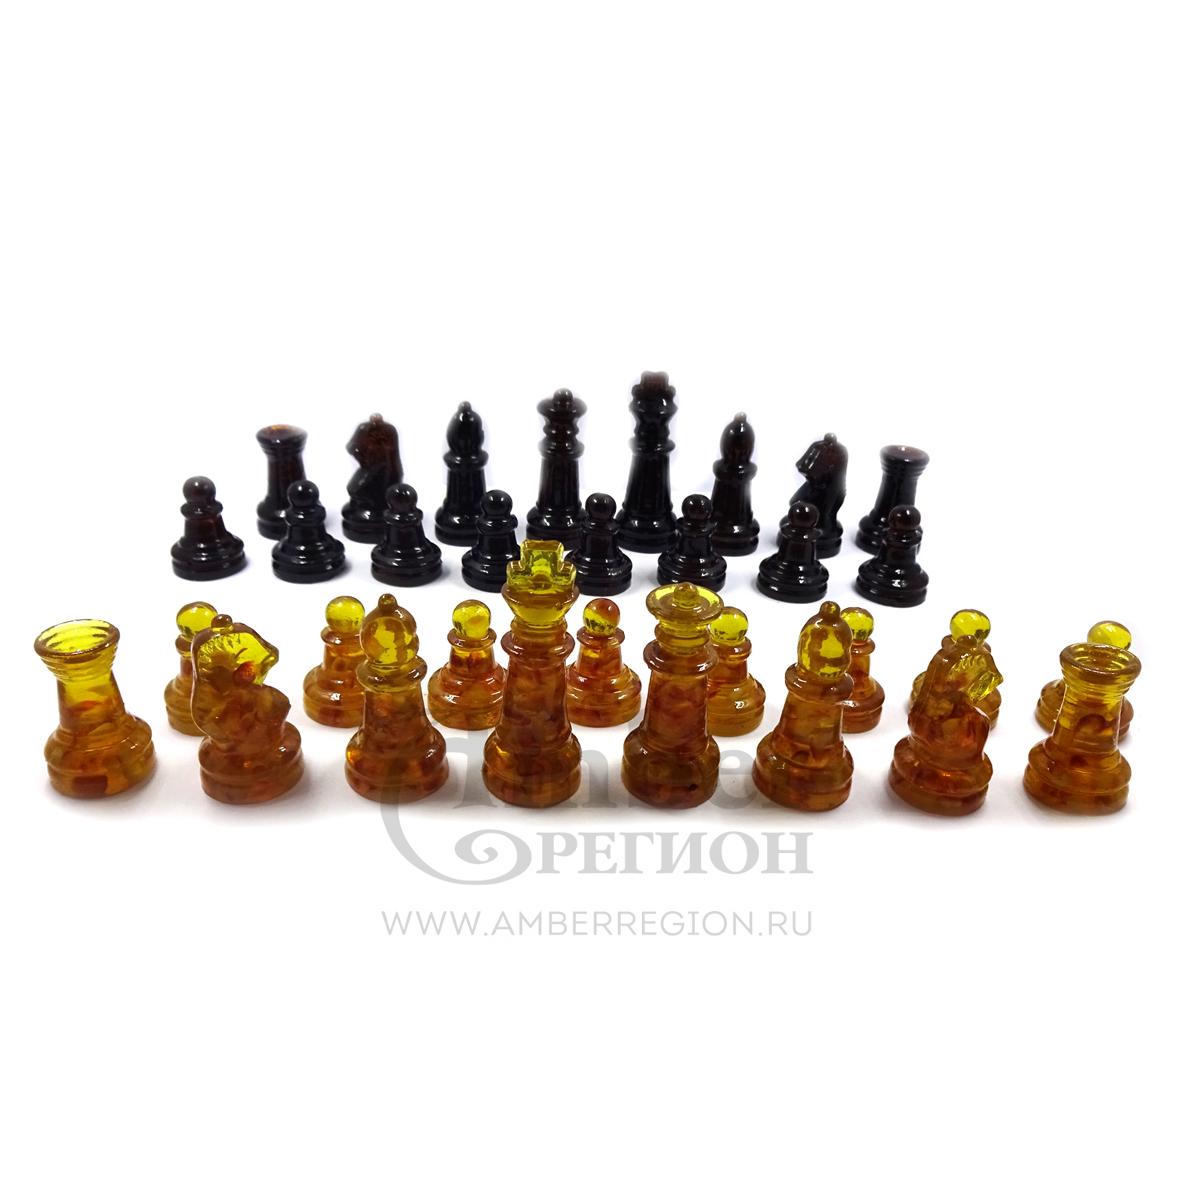 Шахматы малые для досок 25*25 см (10 комплектов)